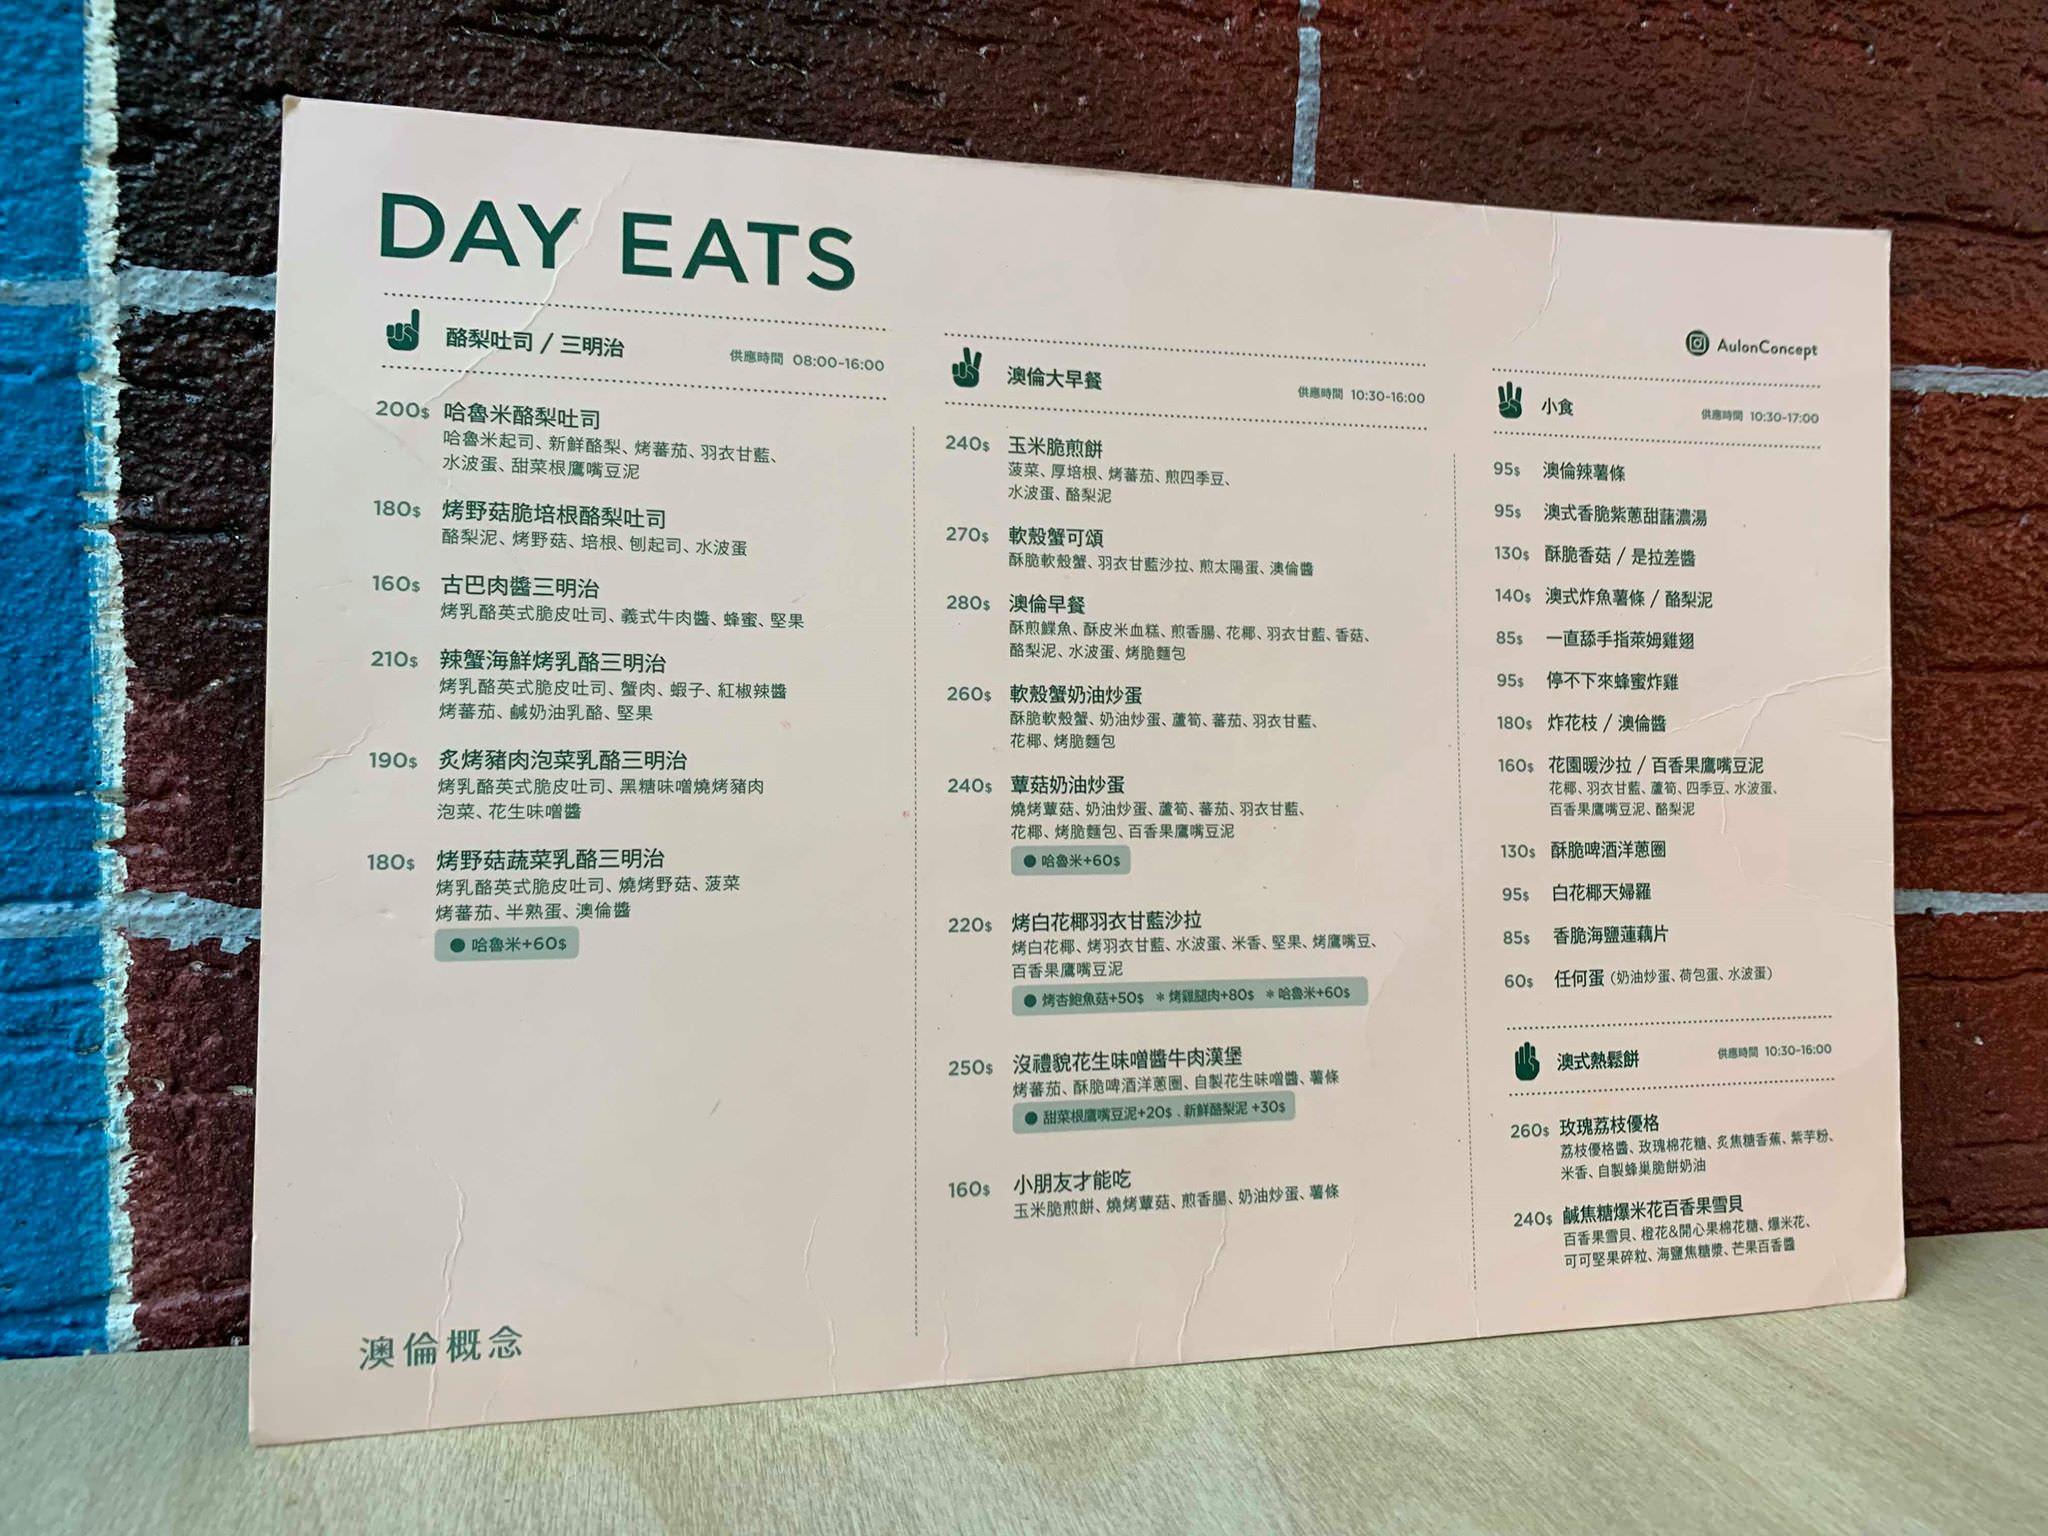 澳倫概念早午餐